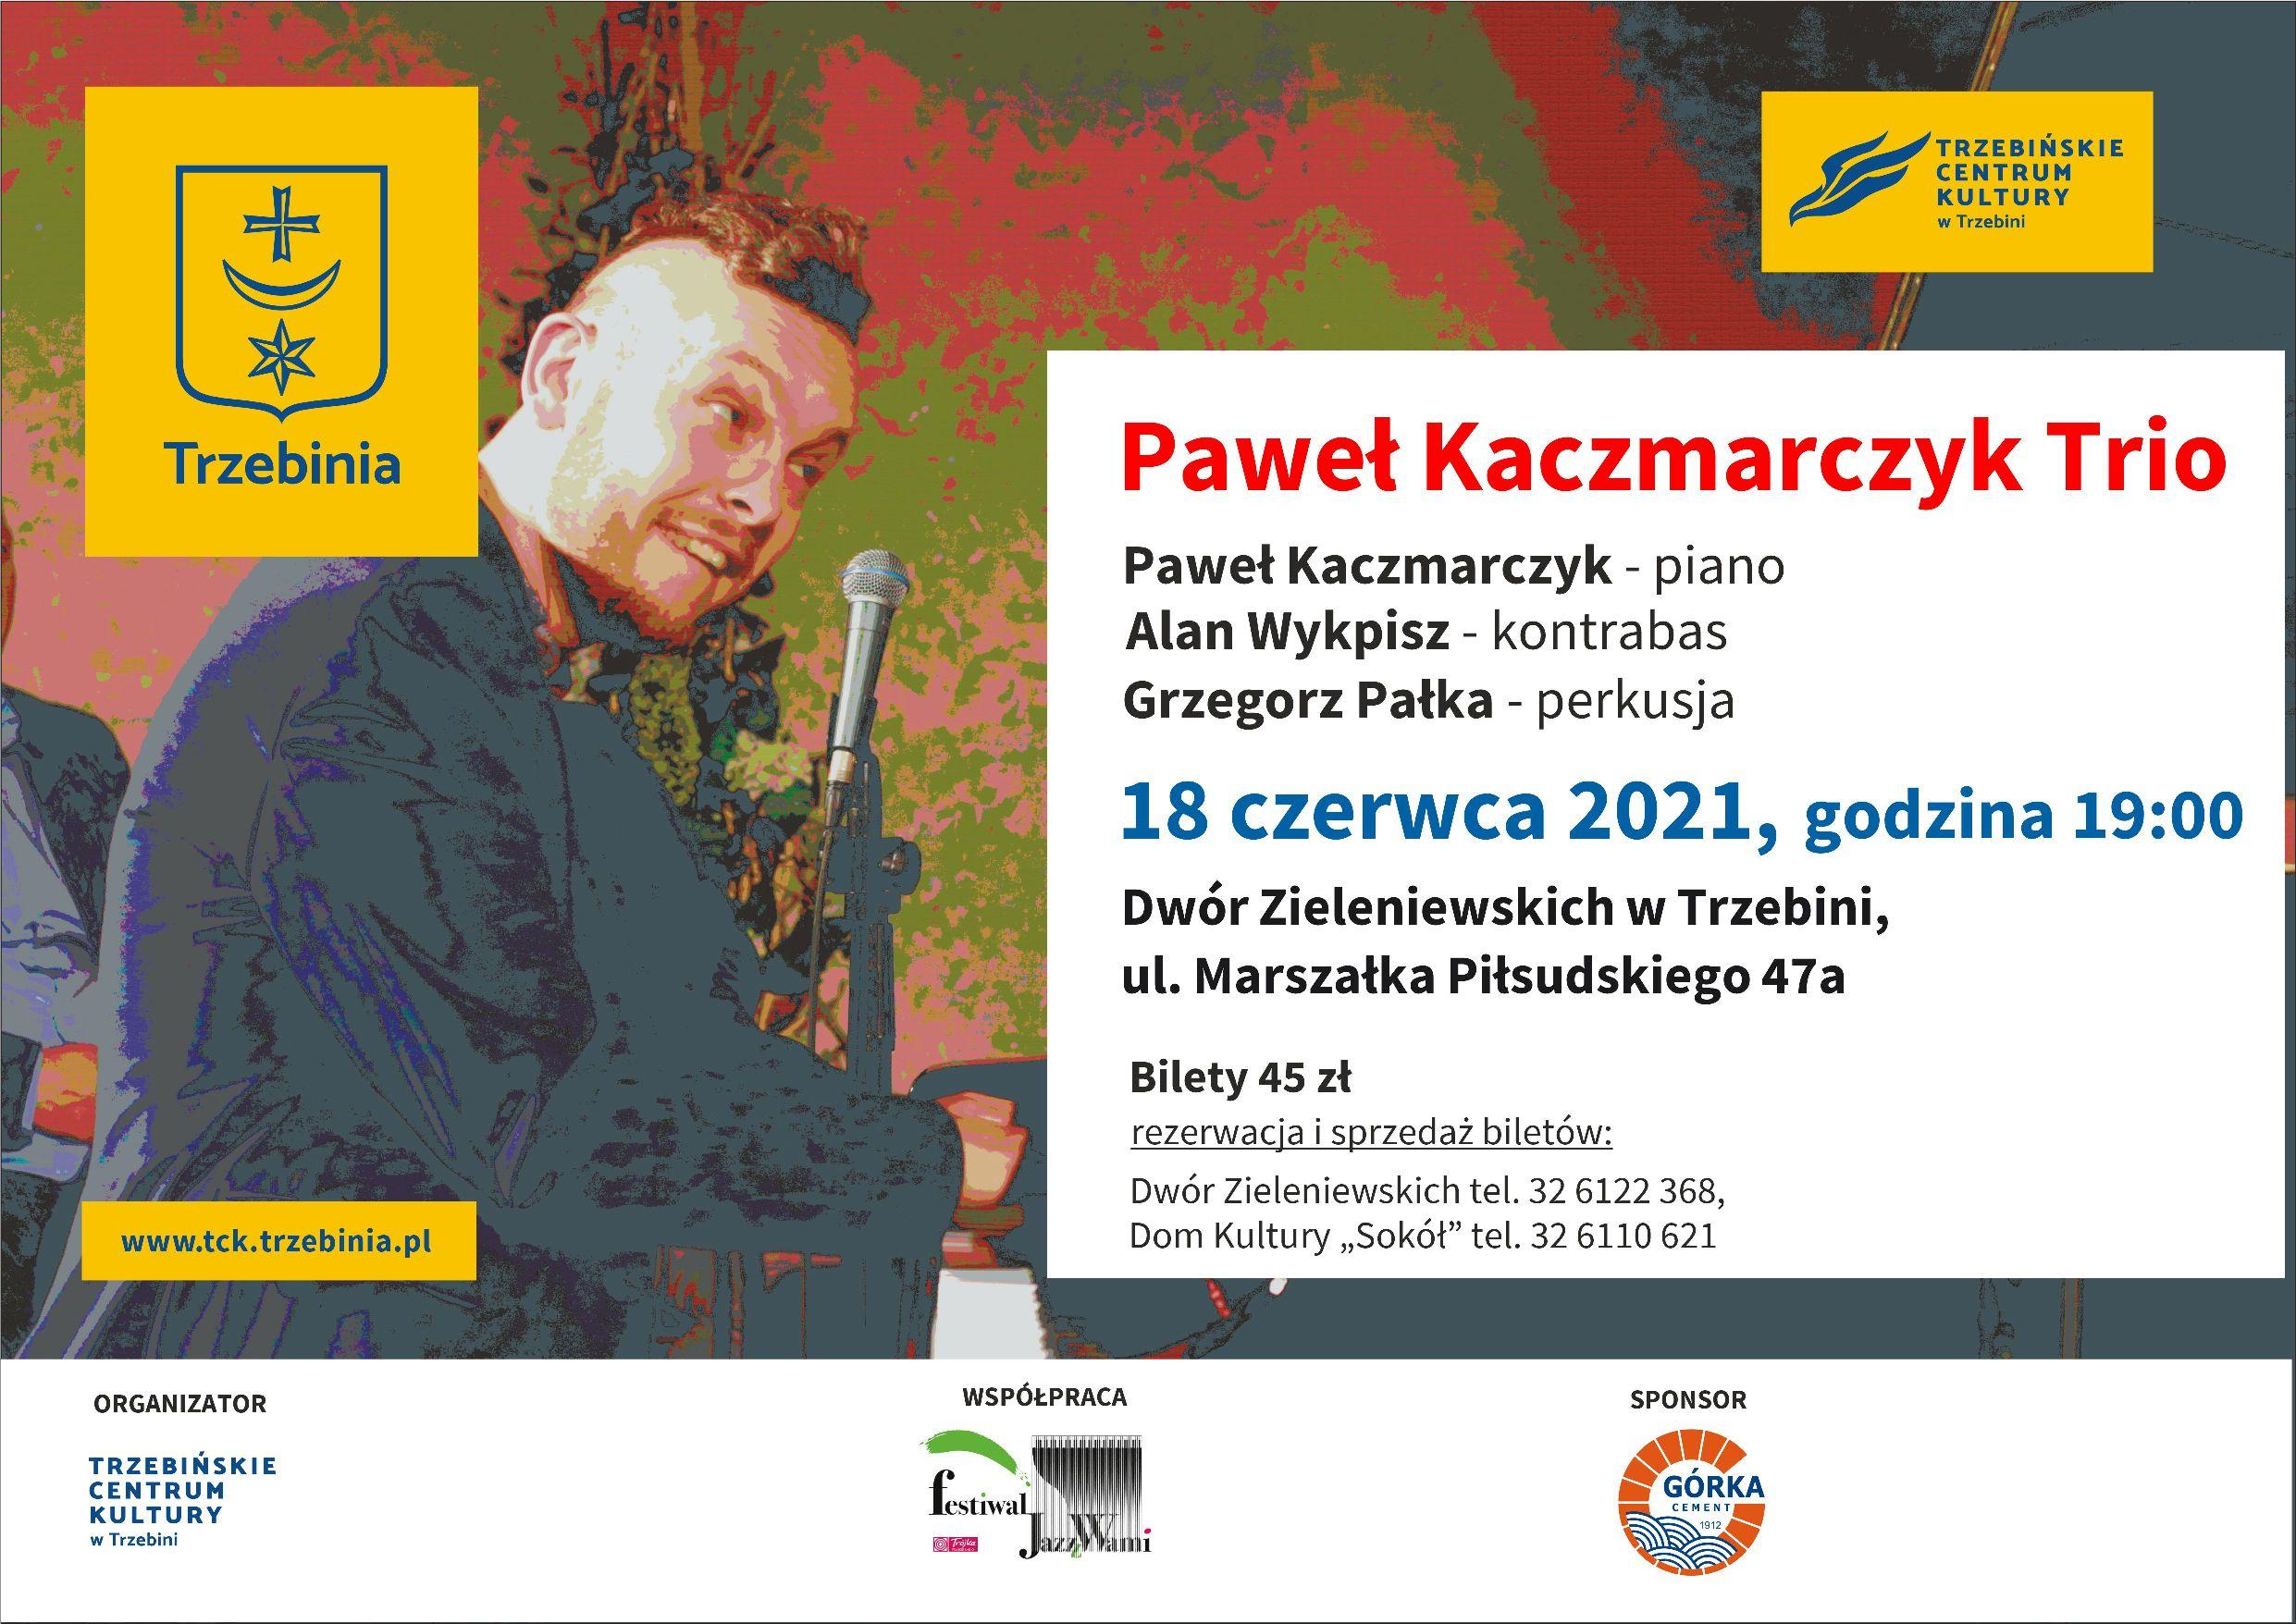 Paweł Kaczmarczyk Trio